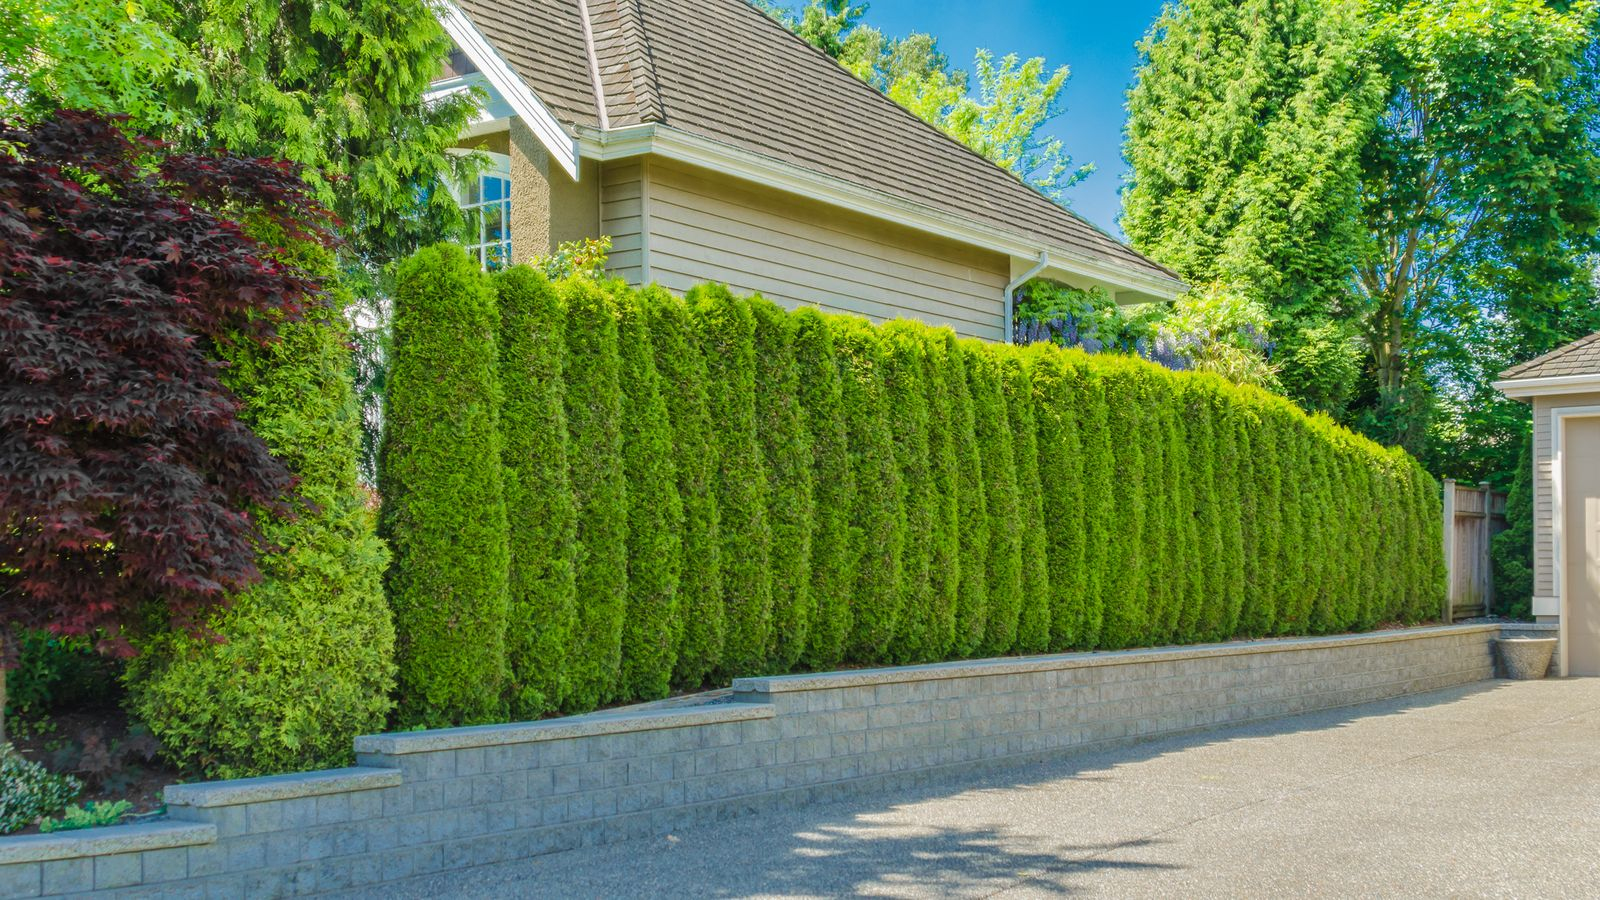 Heckenpflanzen:  So wählen Sie die passenden Sträucher